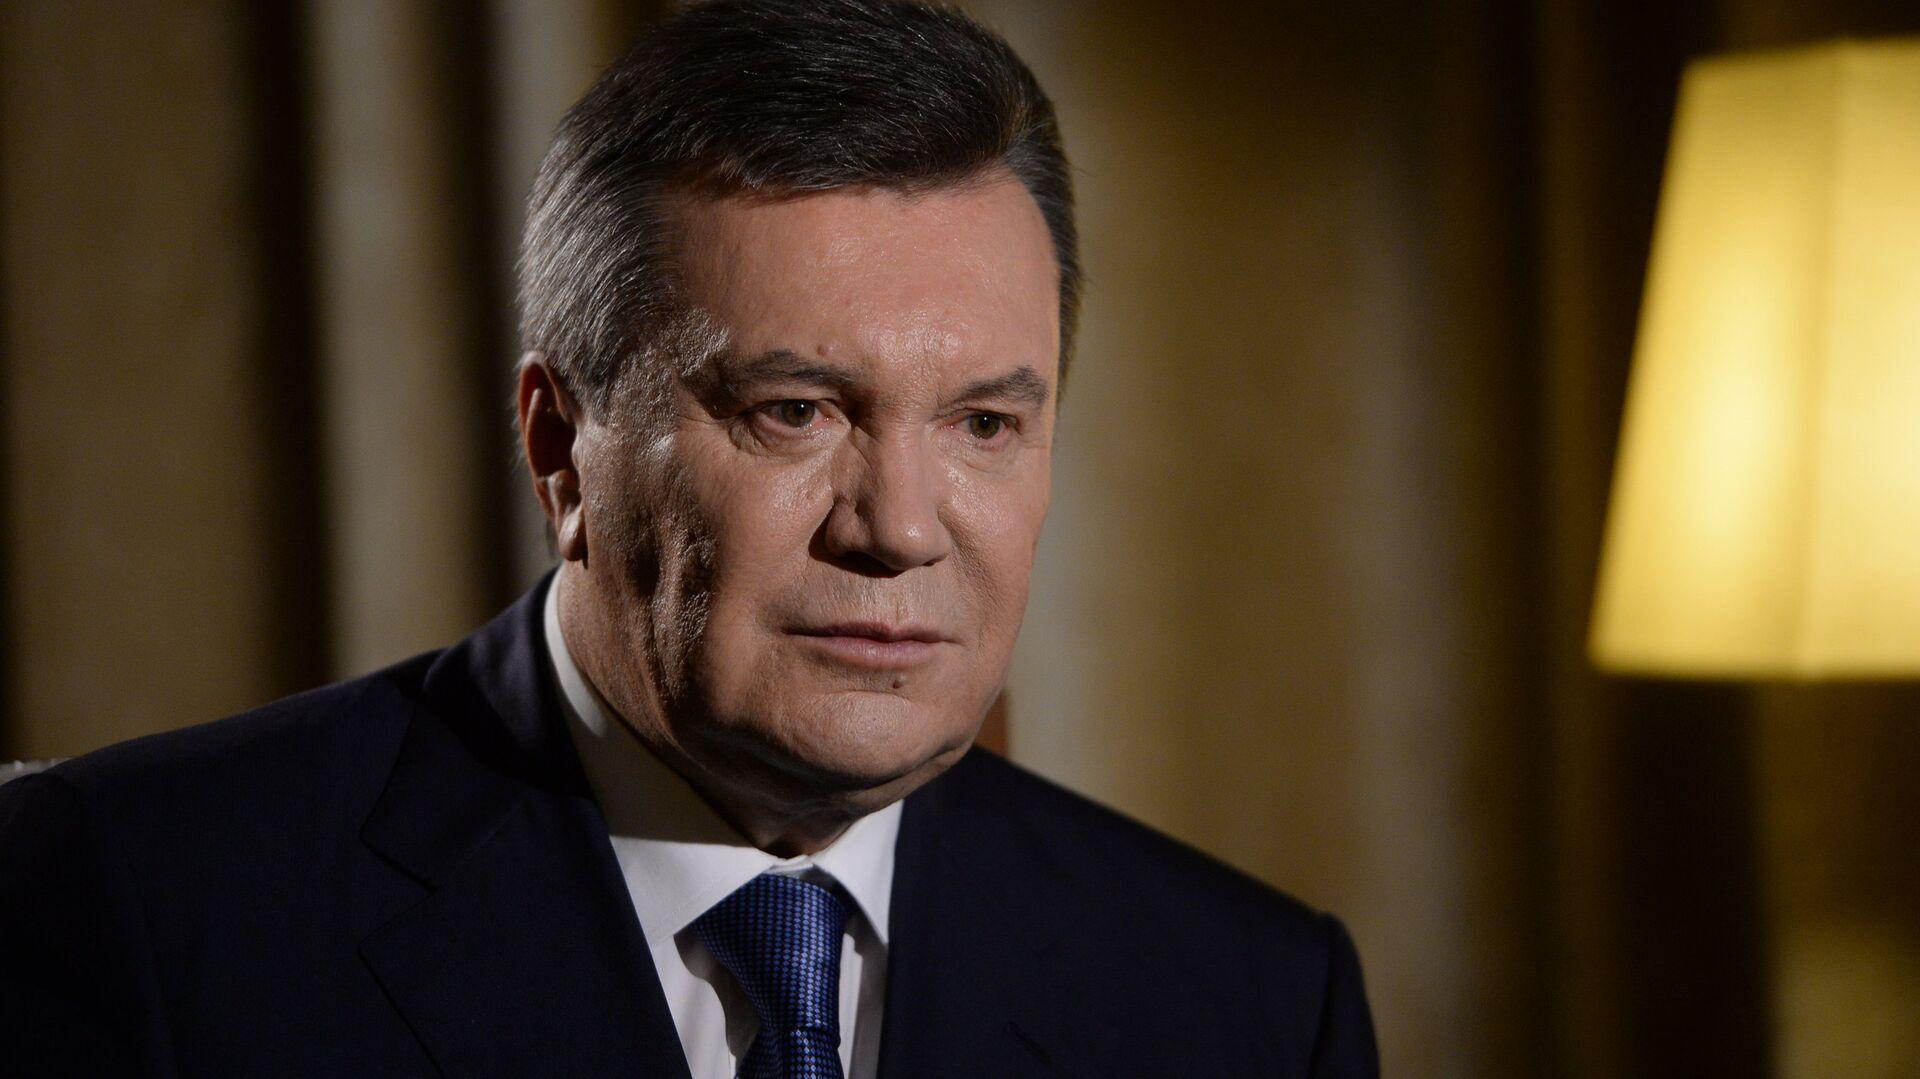 Бывший президент Украины Виктор Янукович  - Sputnik Ўзбекистон, 1920, 17.08.2021